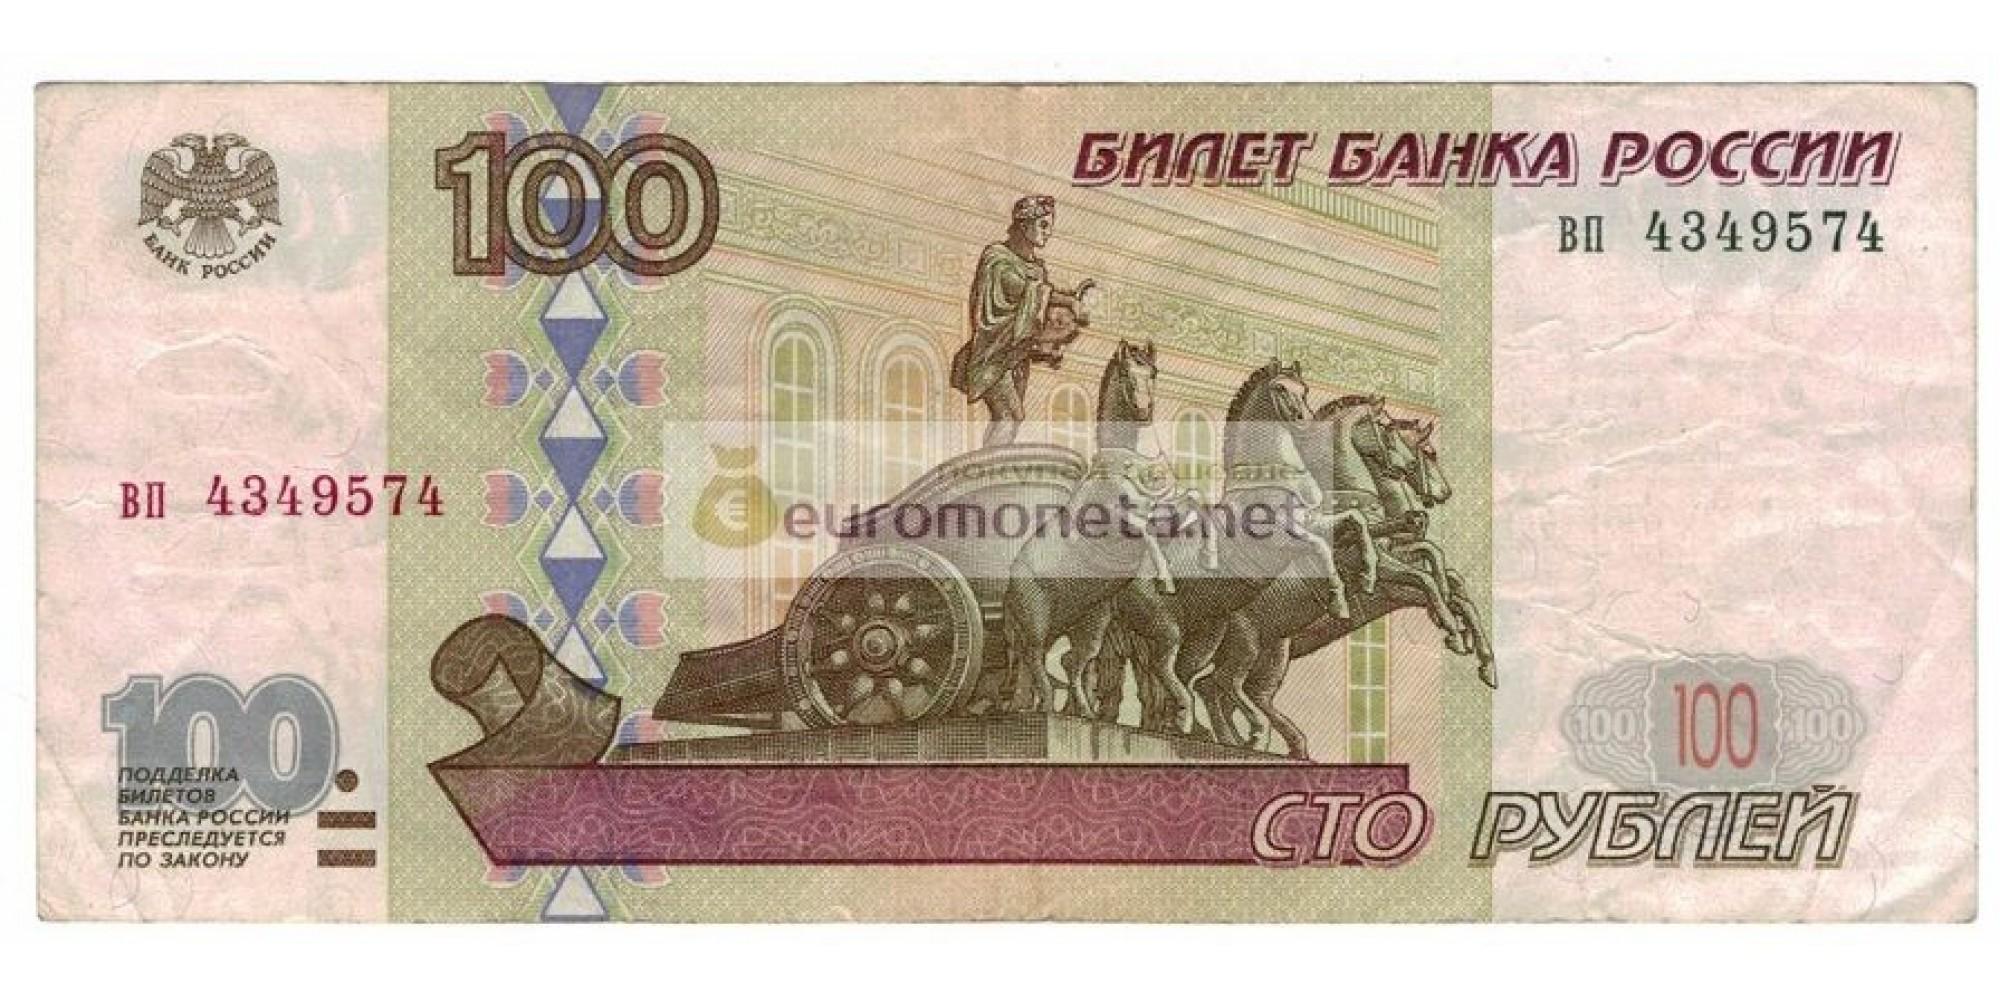 Россия 100 рублей 1997 год без модификации серия вп 4349574